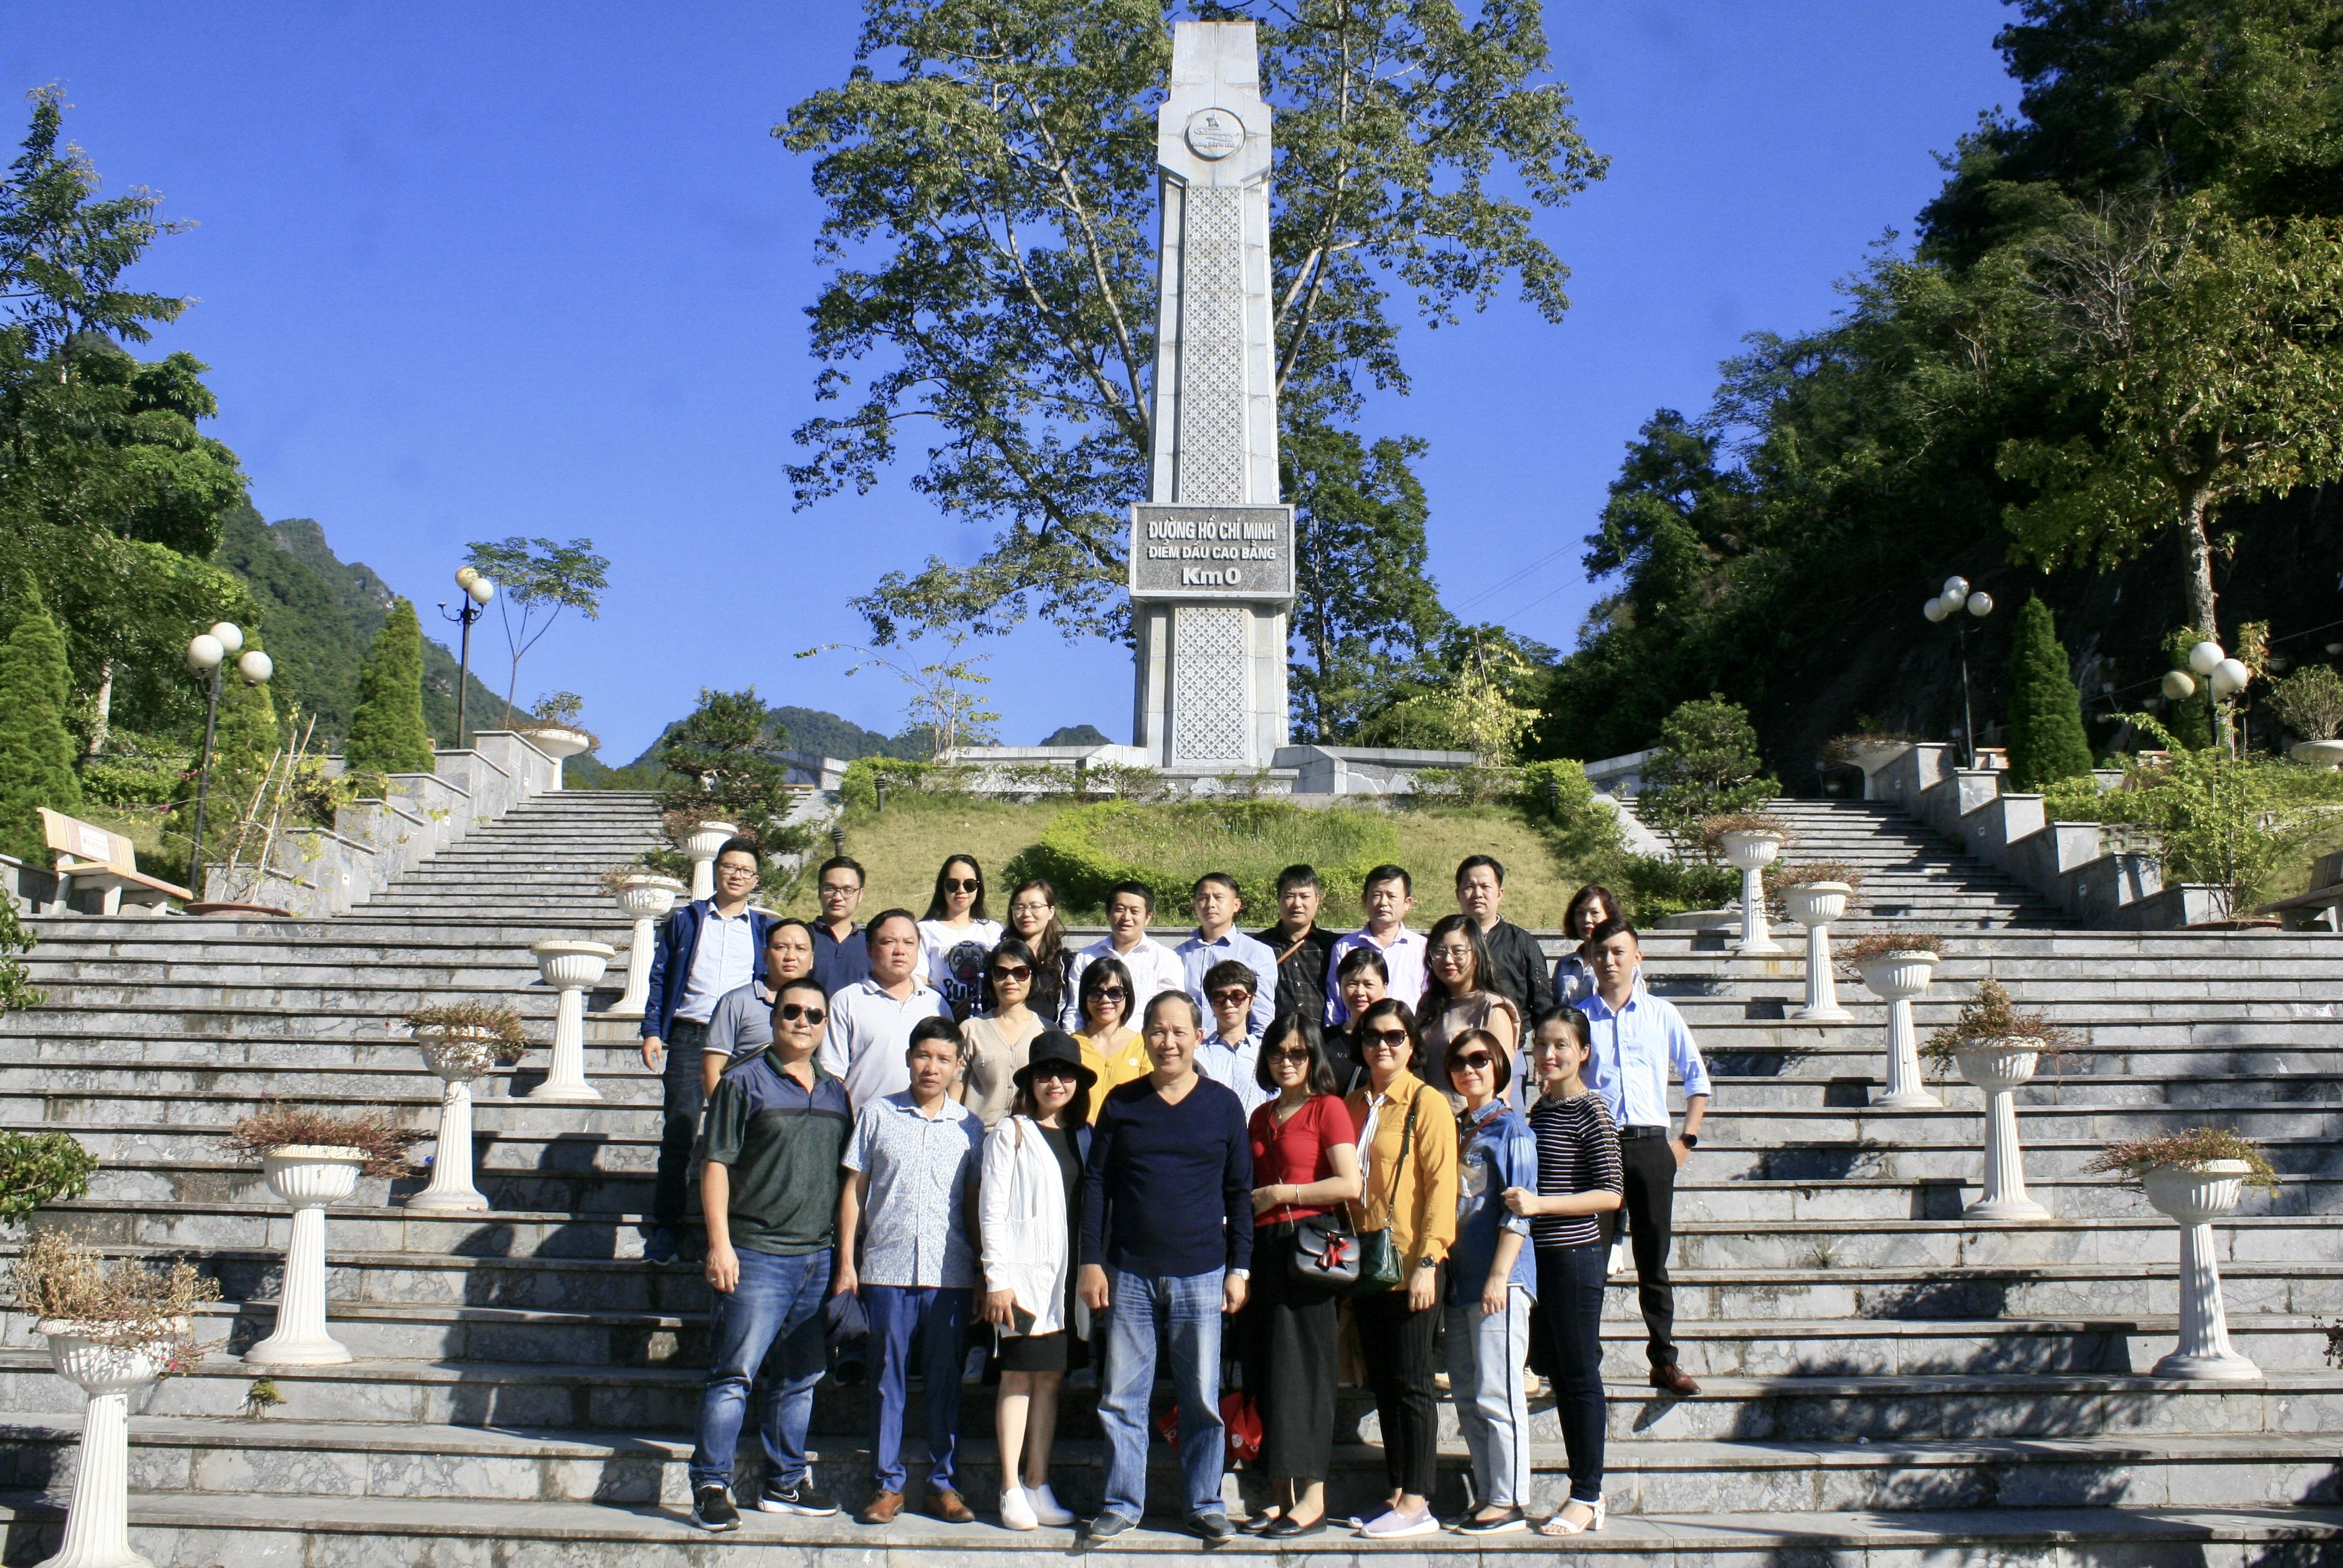 Đoàn thăm quan tại km số 0 đường mòn Hồ Chí Minh